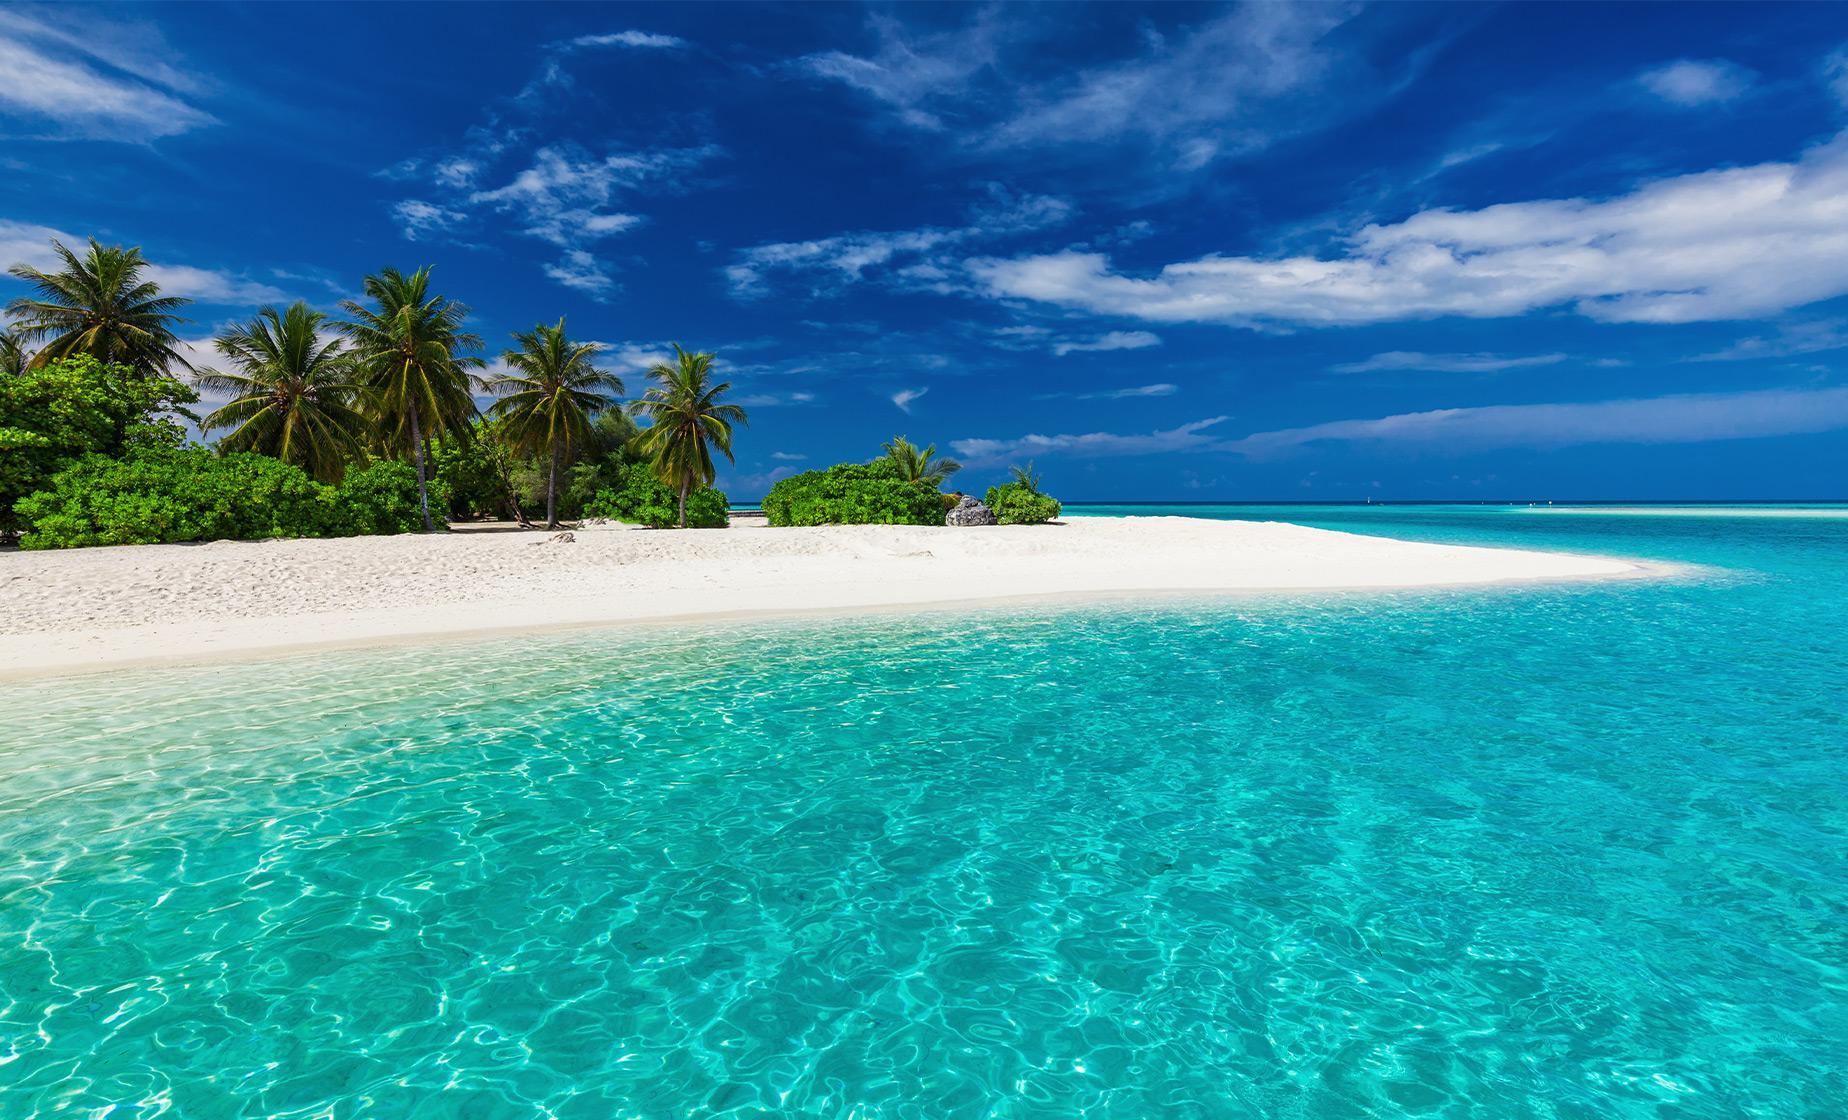 The Best Book Suva Fiji Shore Excursion Trips